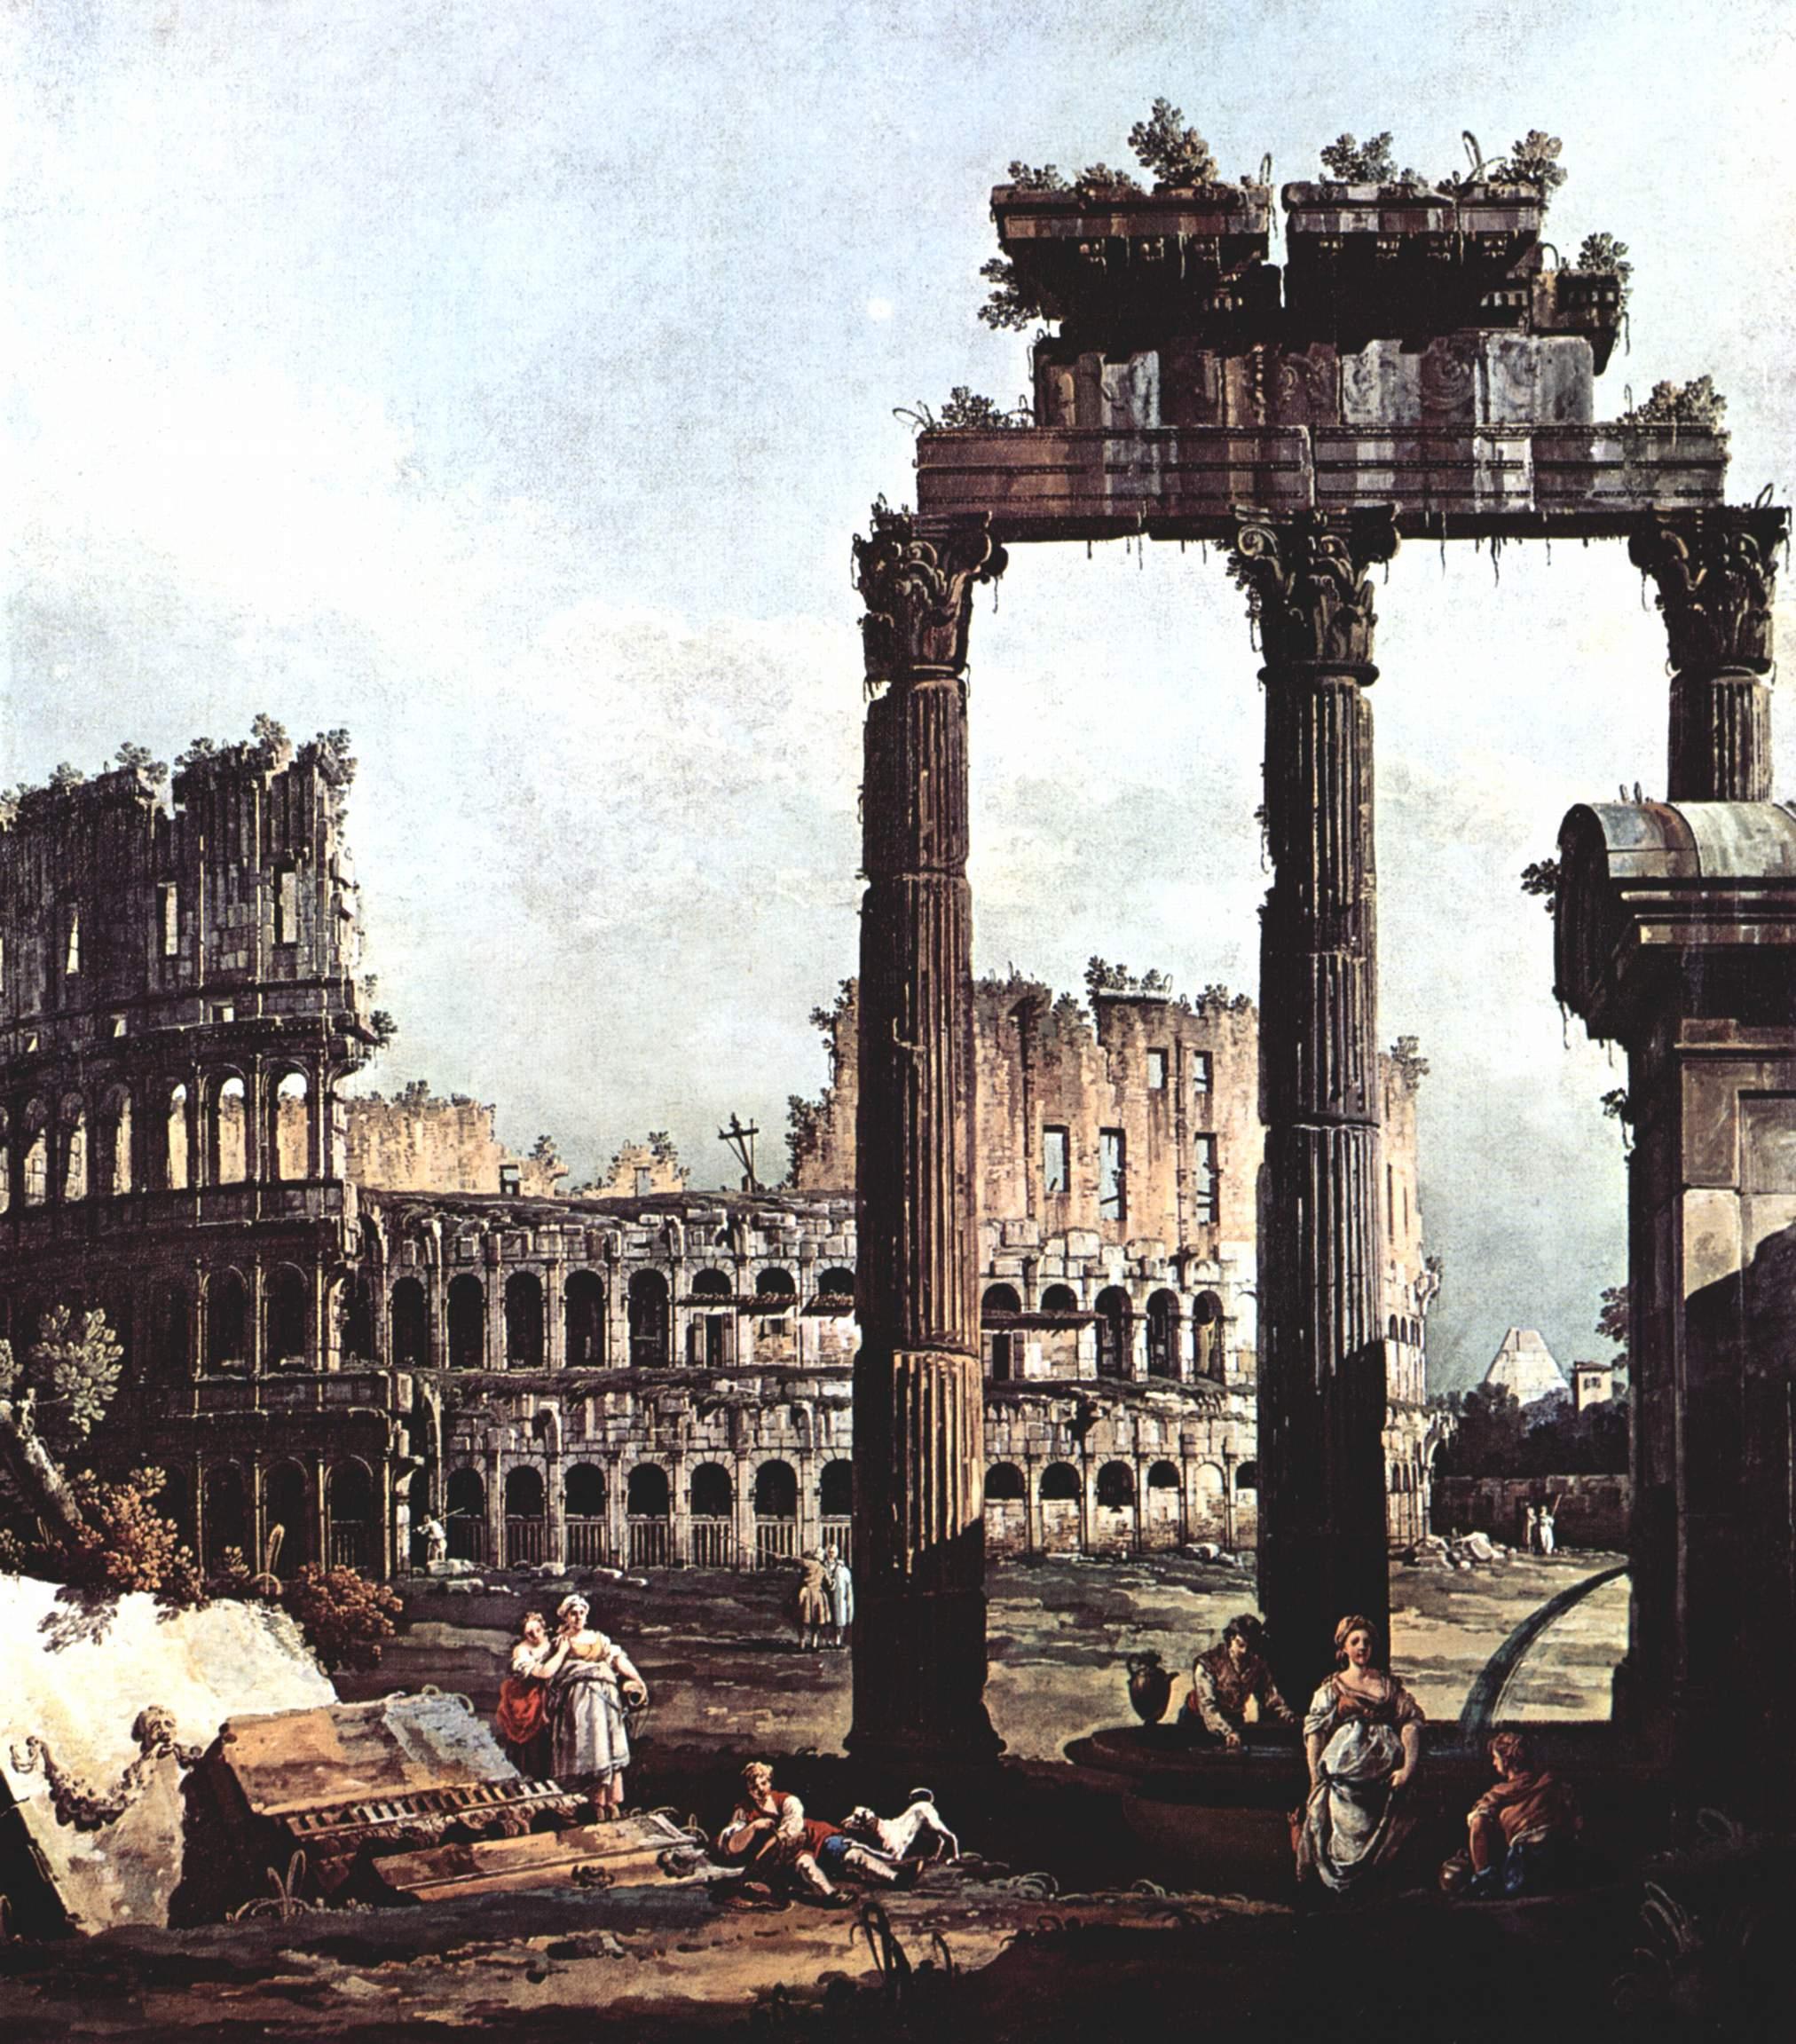 Римское каприччио, Колизей и руины храма Веспиана, Джованни Антонио Каналетто 1